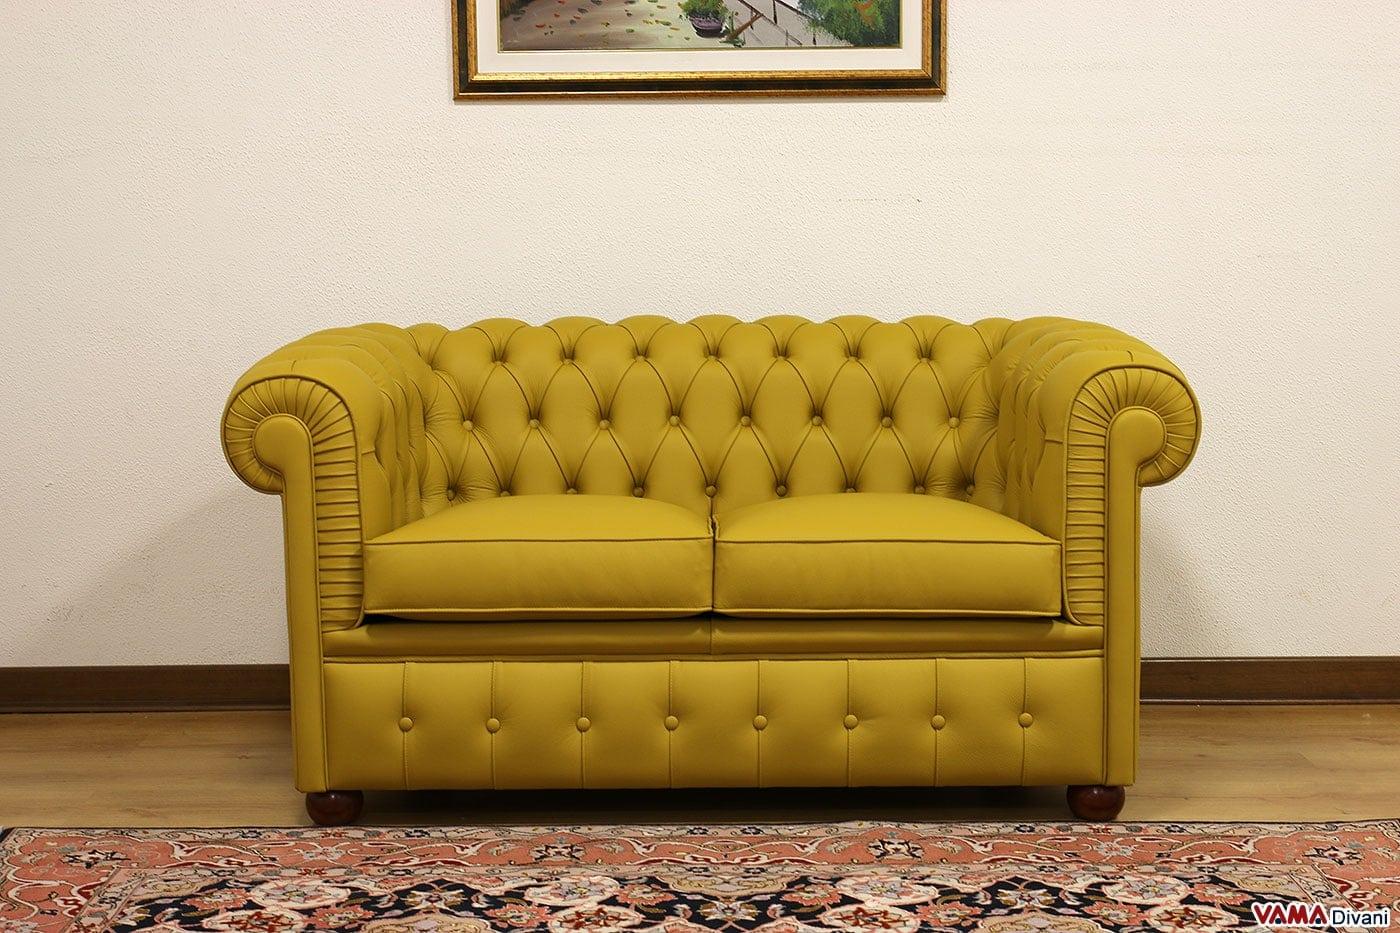 Divano piccolo excellent esempio di divani stile estasi for Divano letto piccolo dimensioni